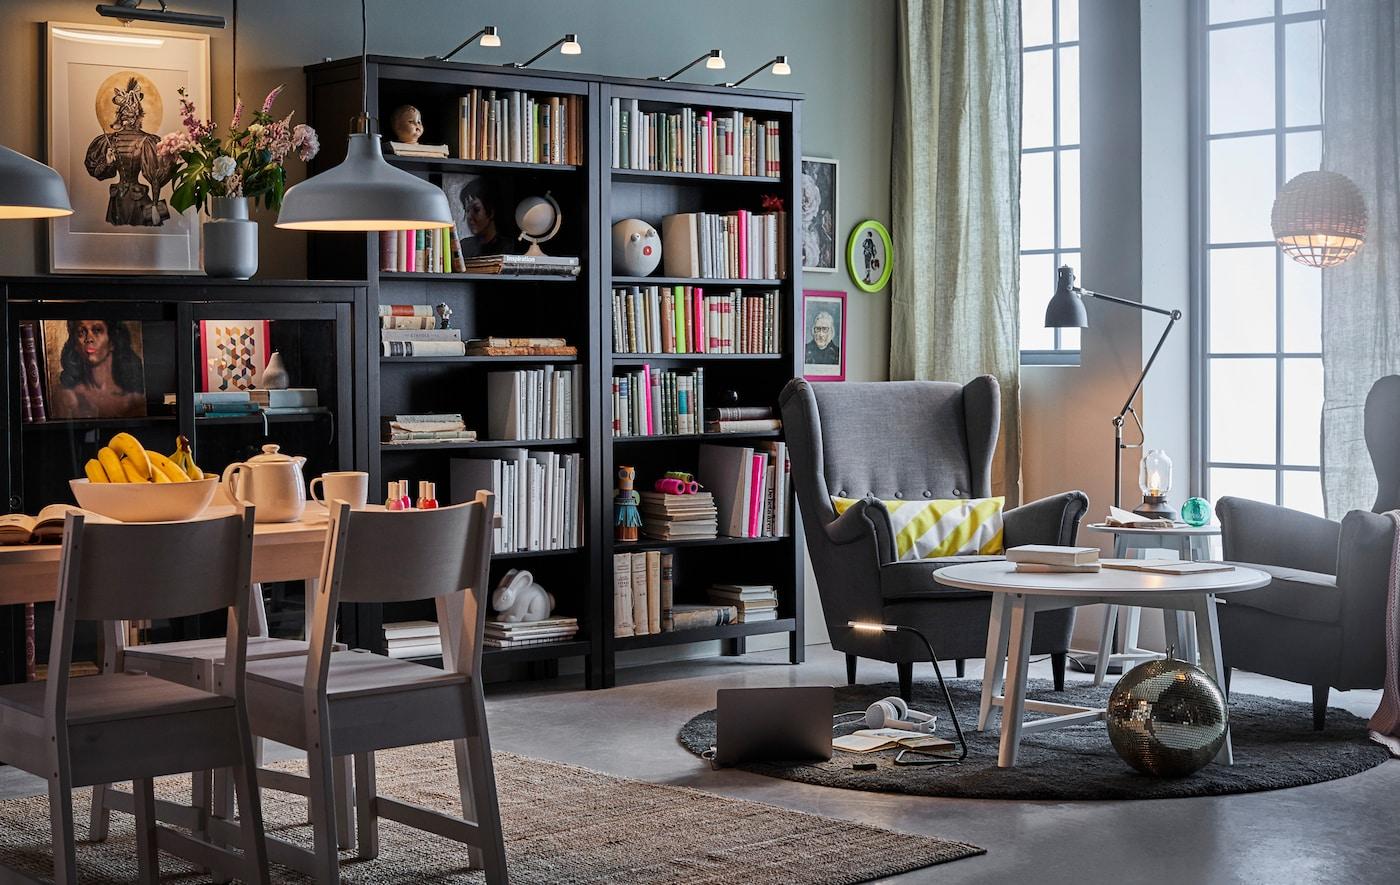 Dirigez la lumière exactement où vous voulez grâce à ce lampadaire/liseuse à LED ARÖD de chez IKEA.